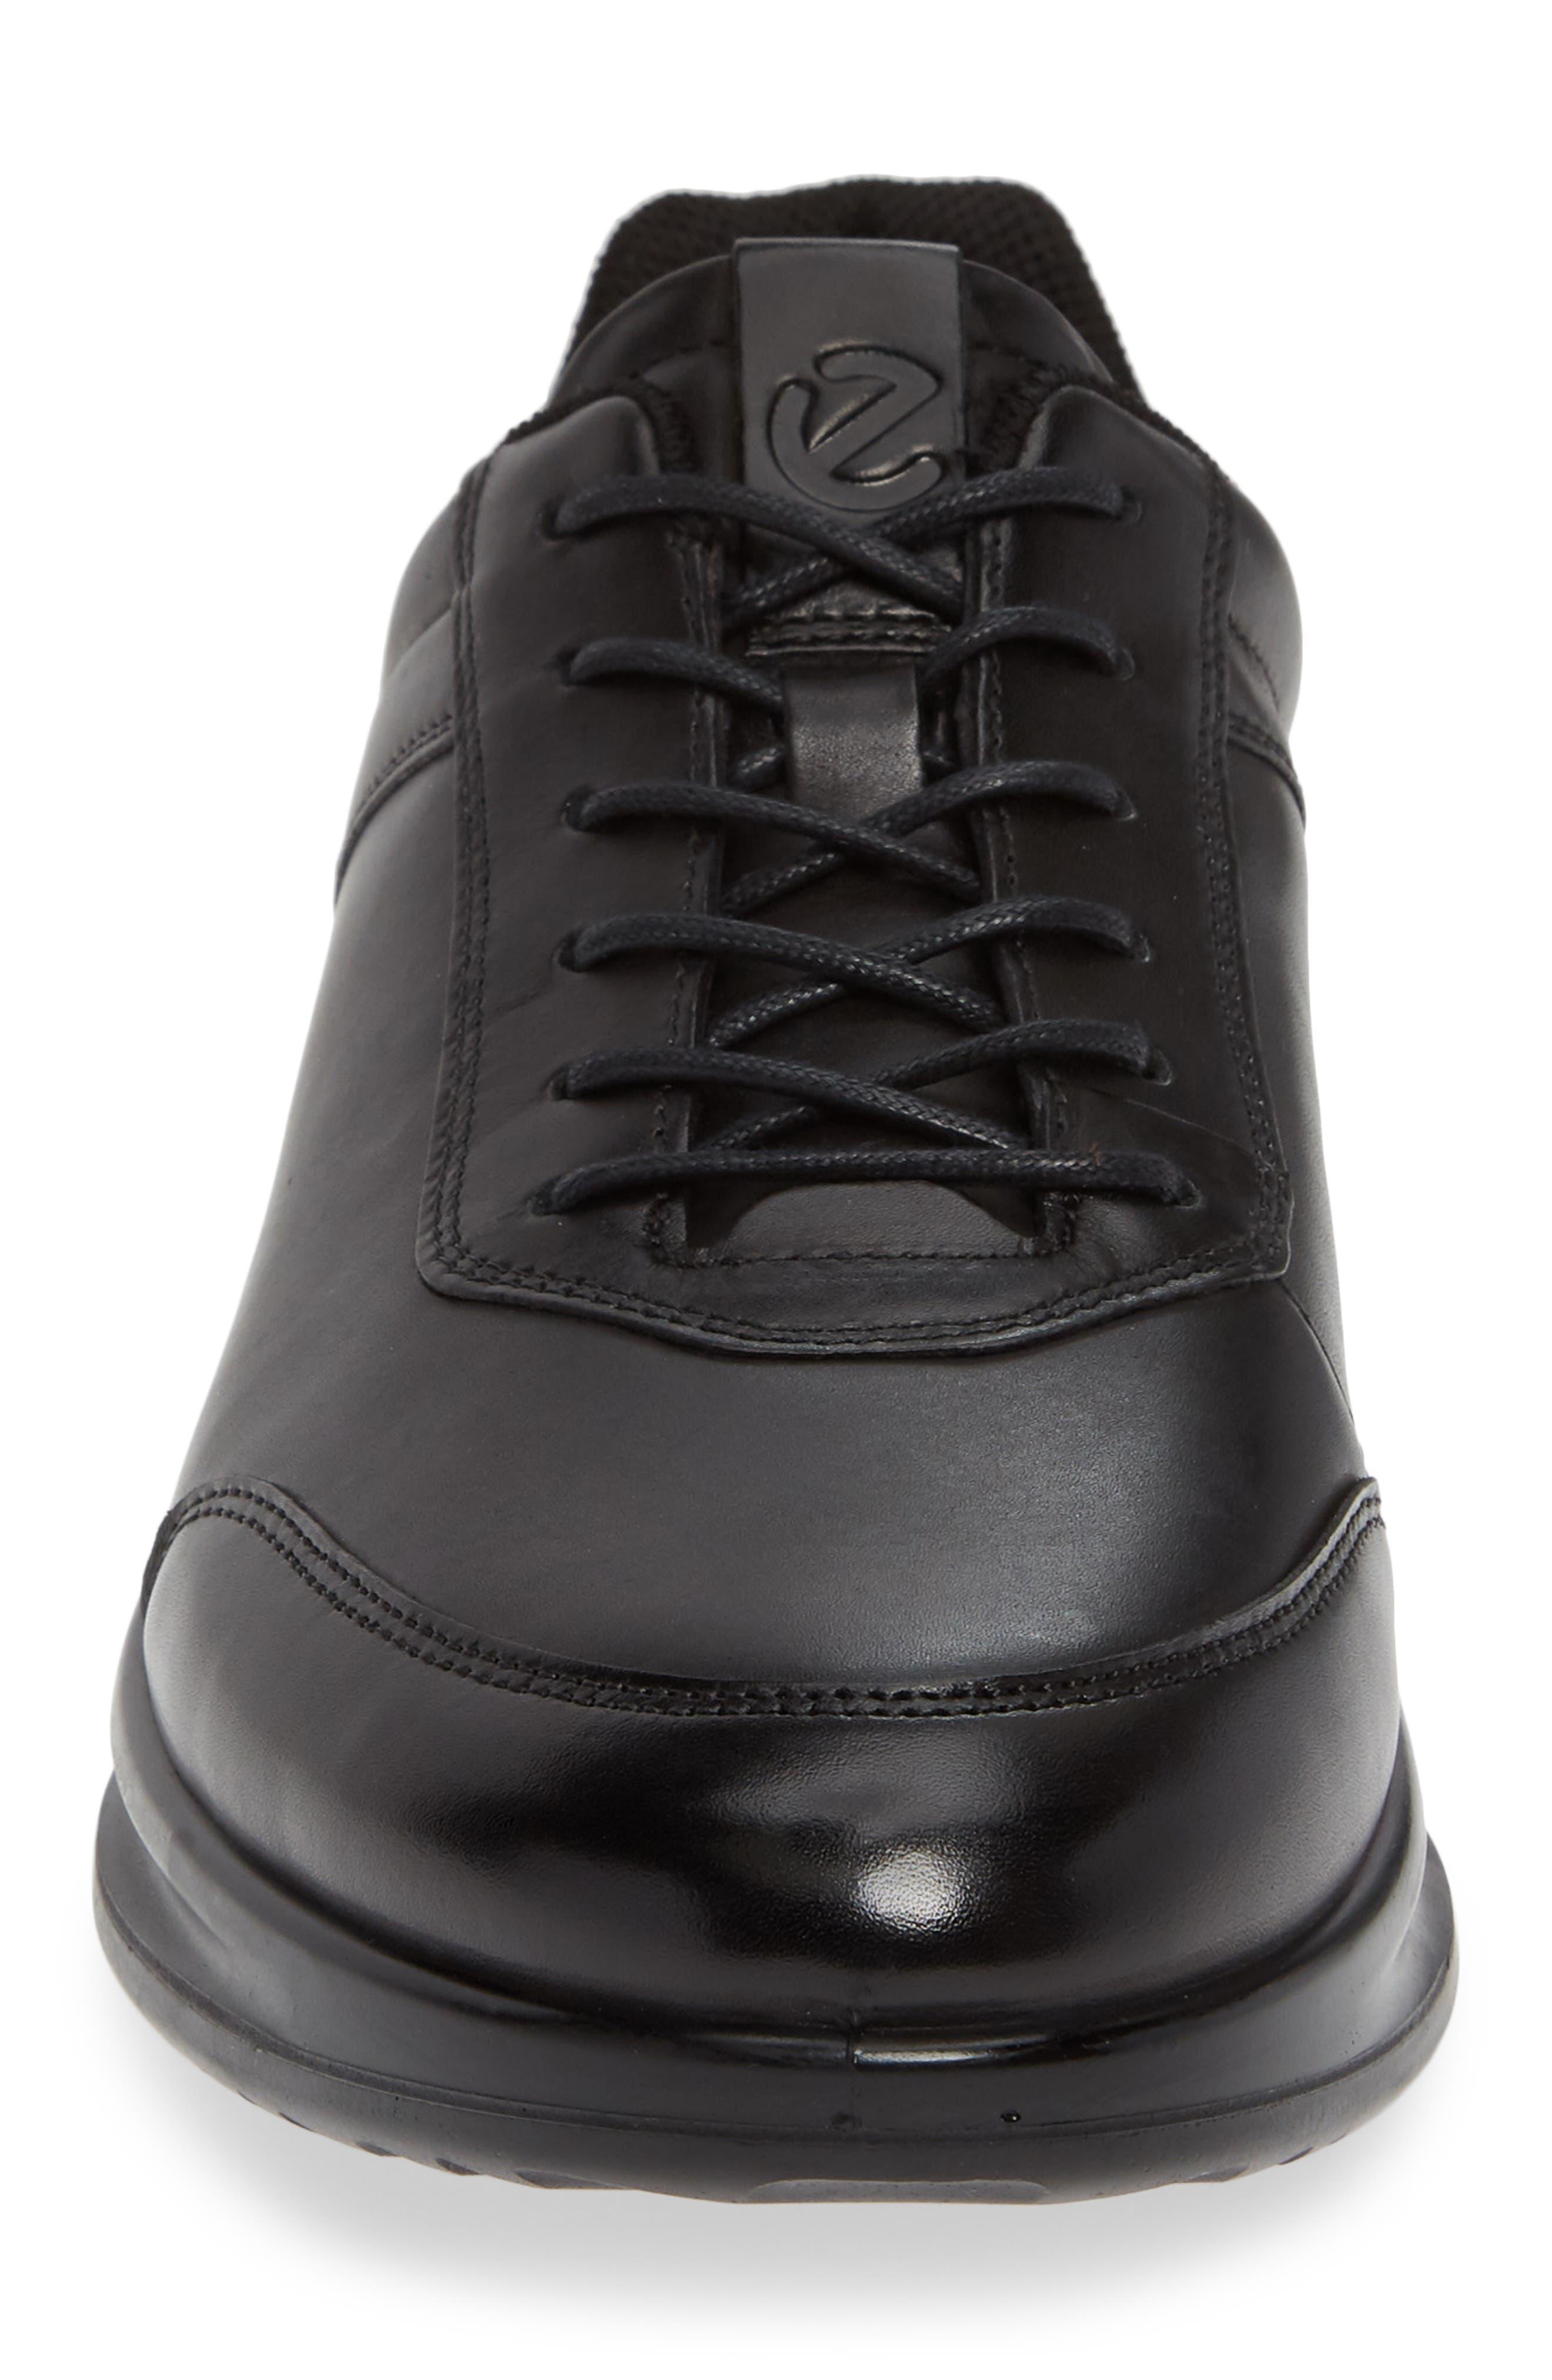 Aquet Low Top Sneaker,                             Alternate thumbnail 4, color,                             BLACK LEATHER